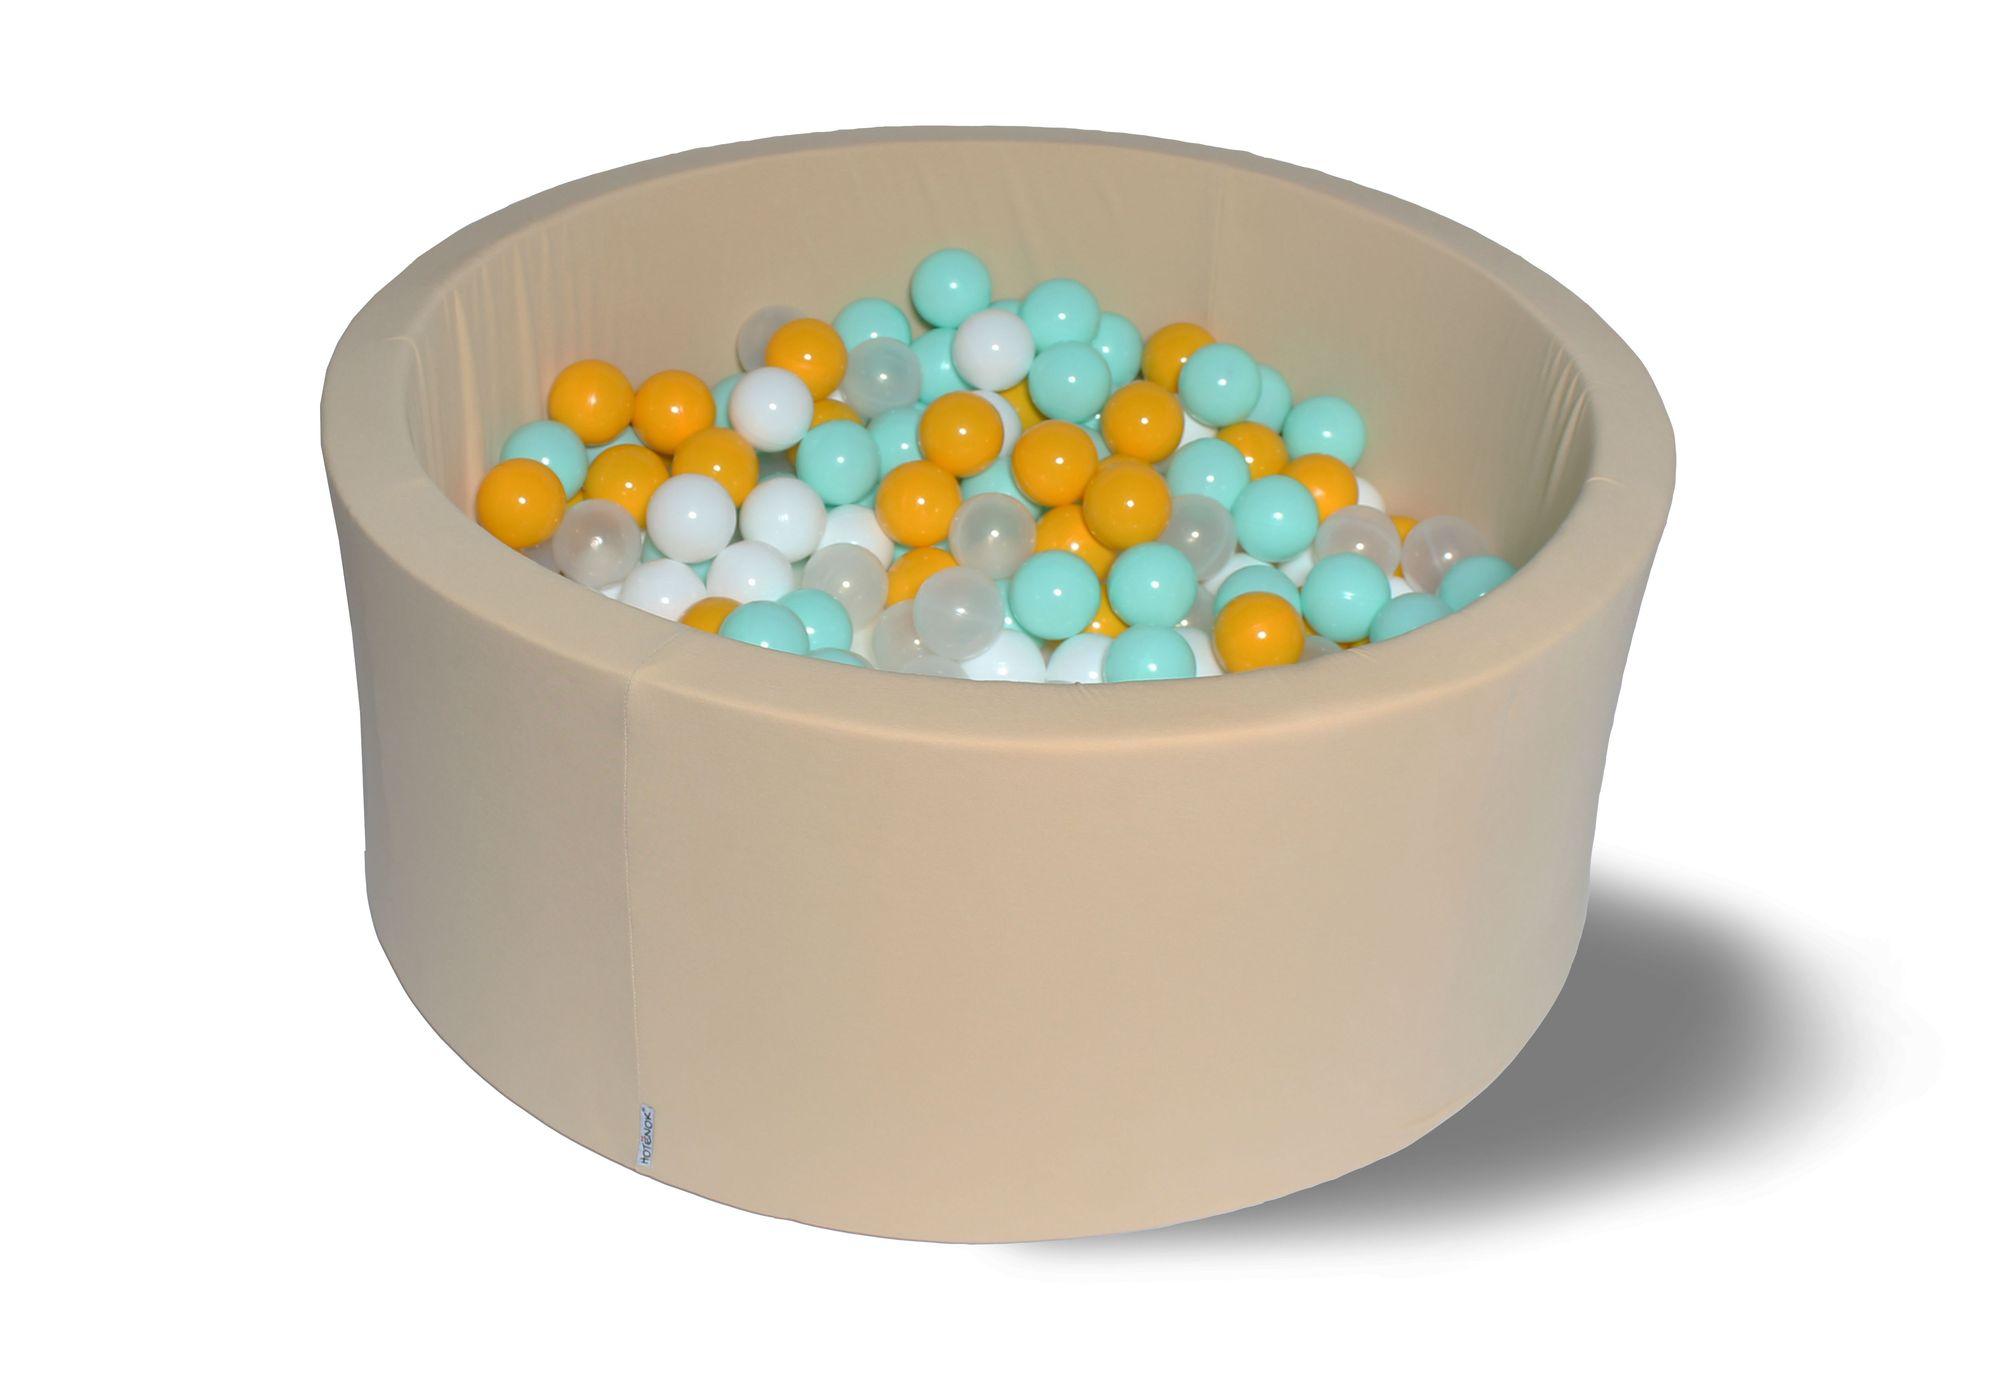 Сухой игровой бассейн Ванильная дискотека 40см